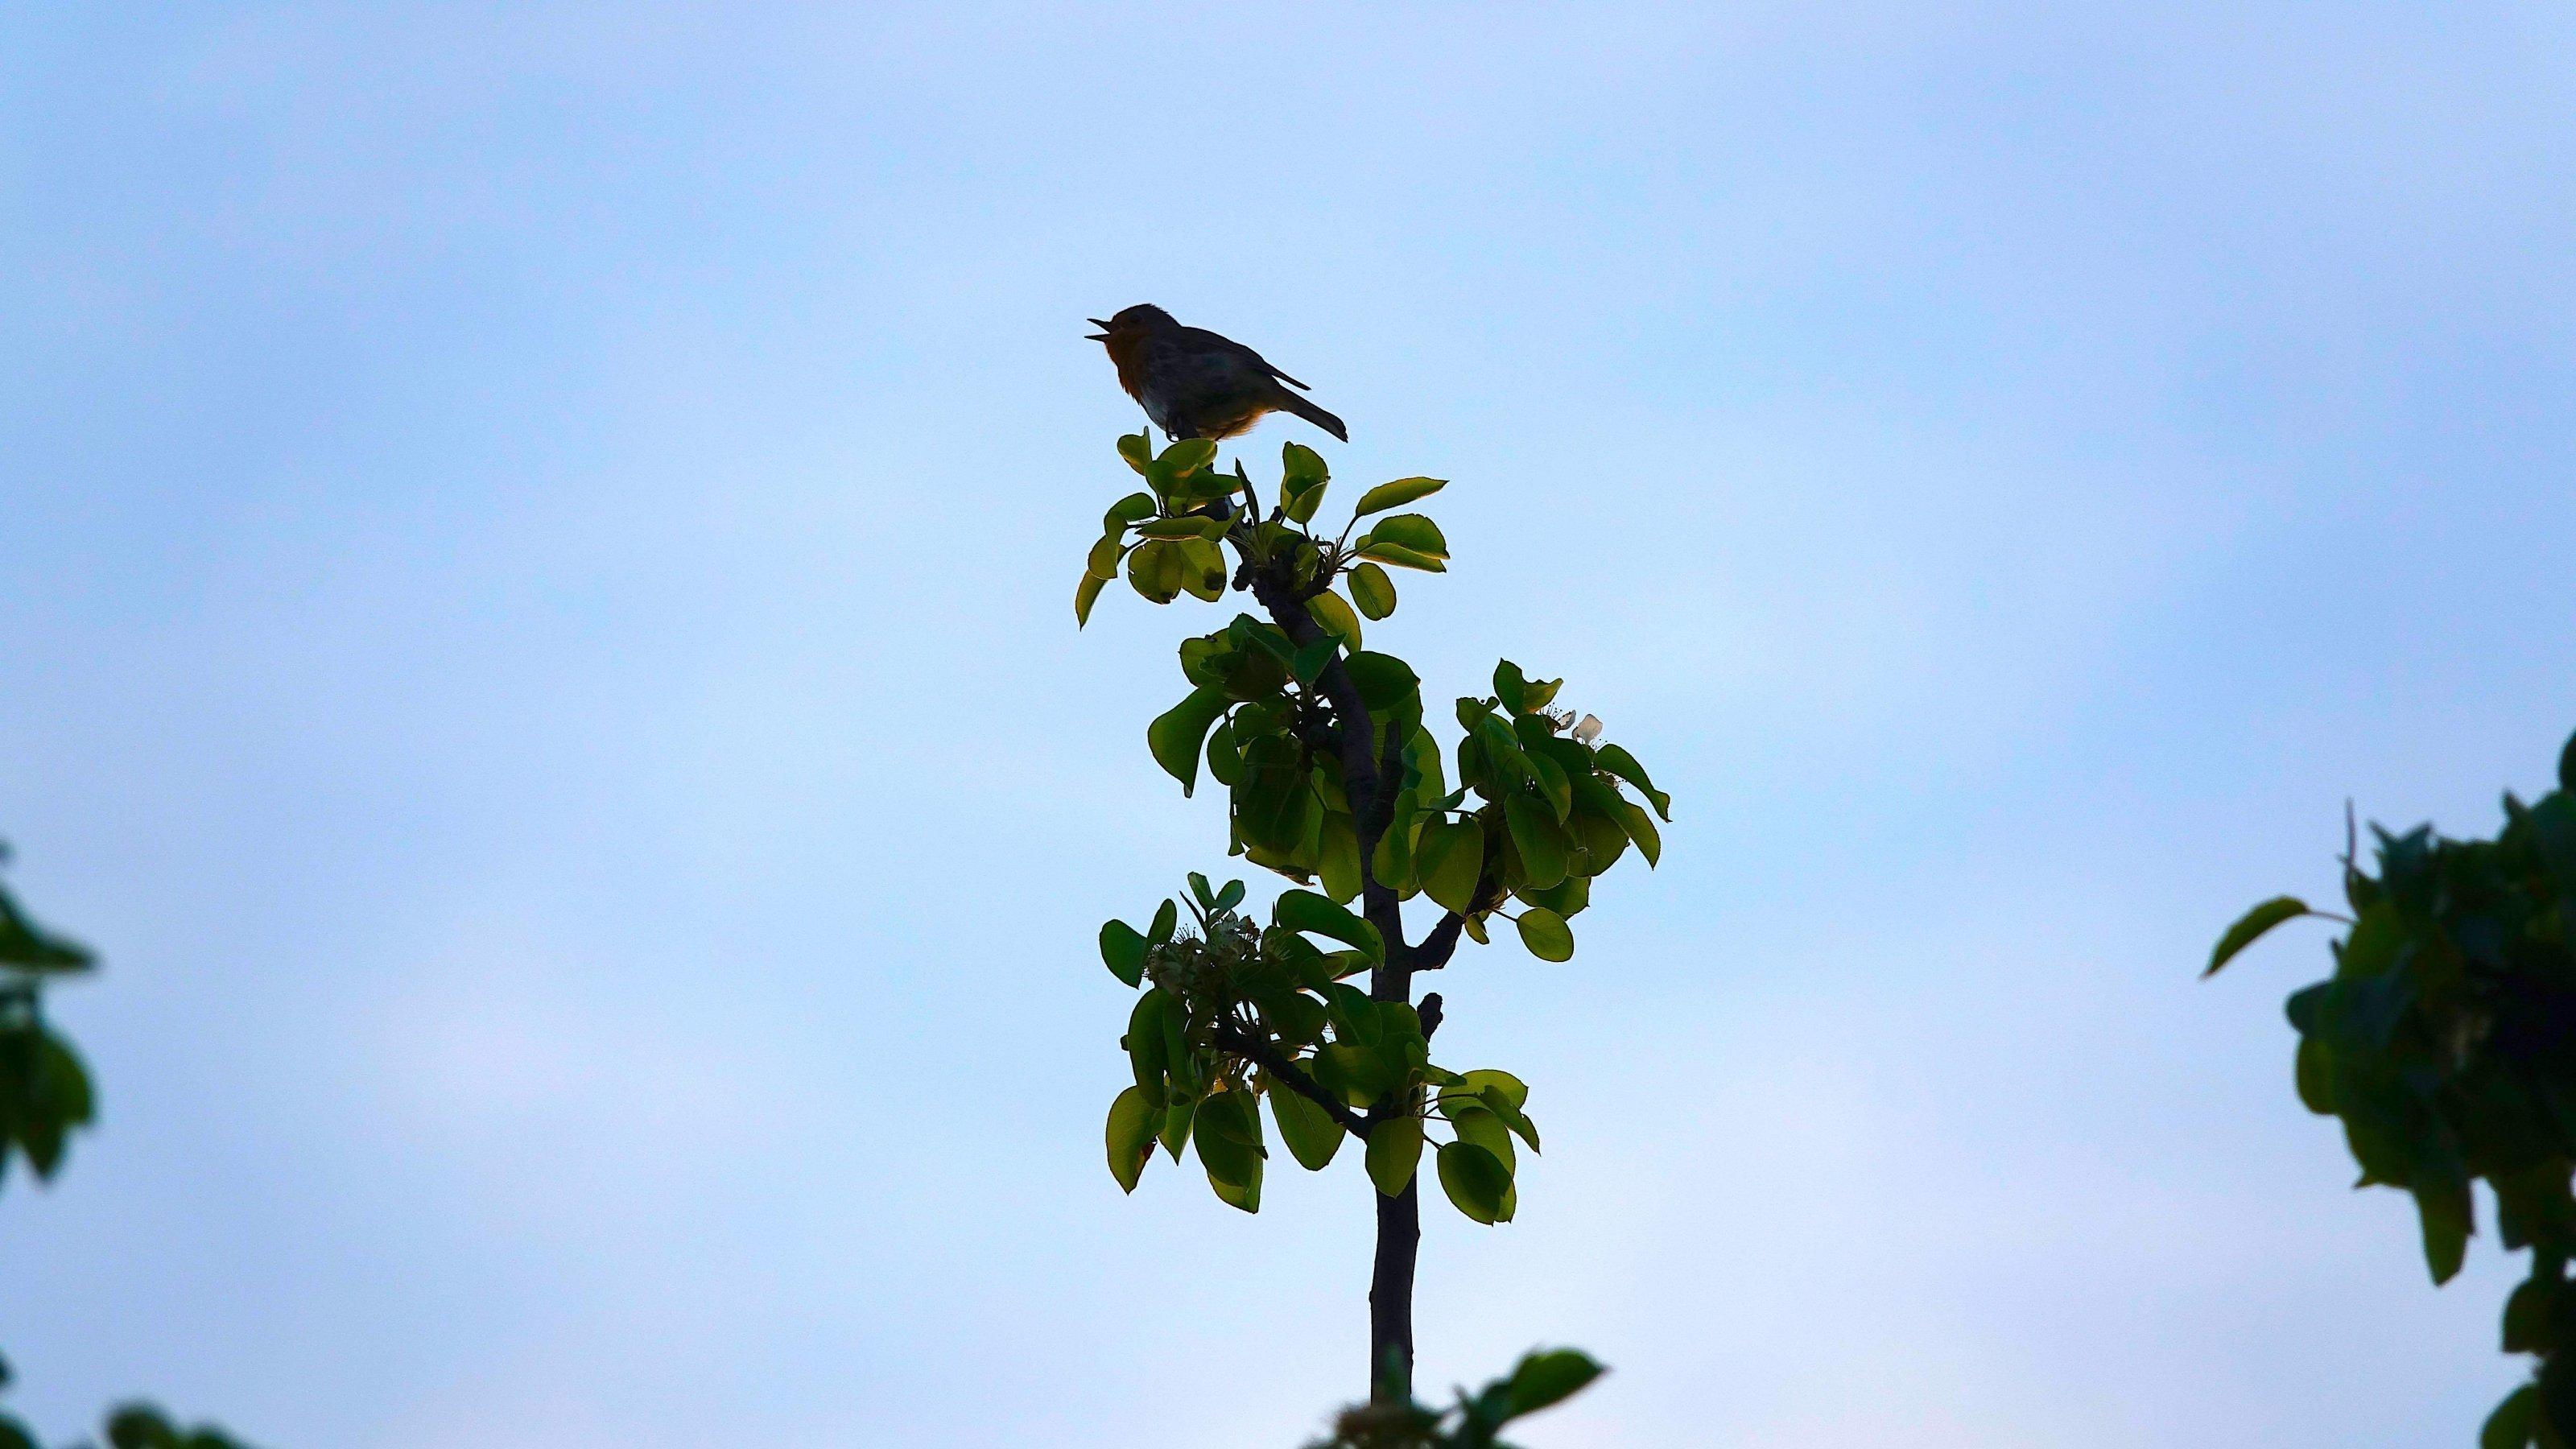 Ein kleiner Vogel sitzt auf der Spitze eines jungen Baumes.